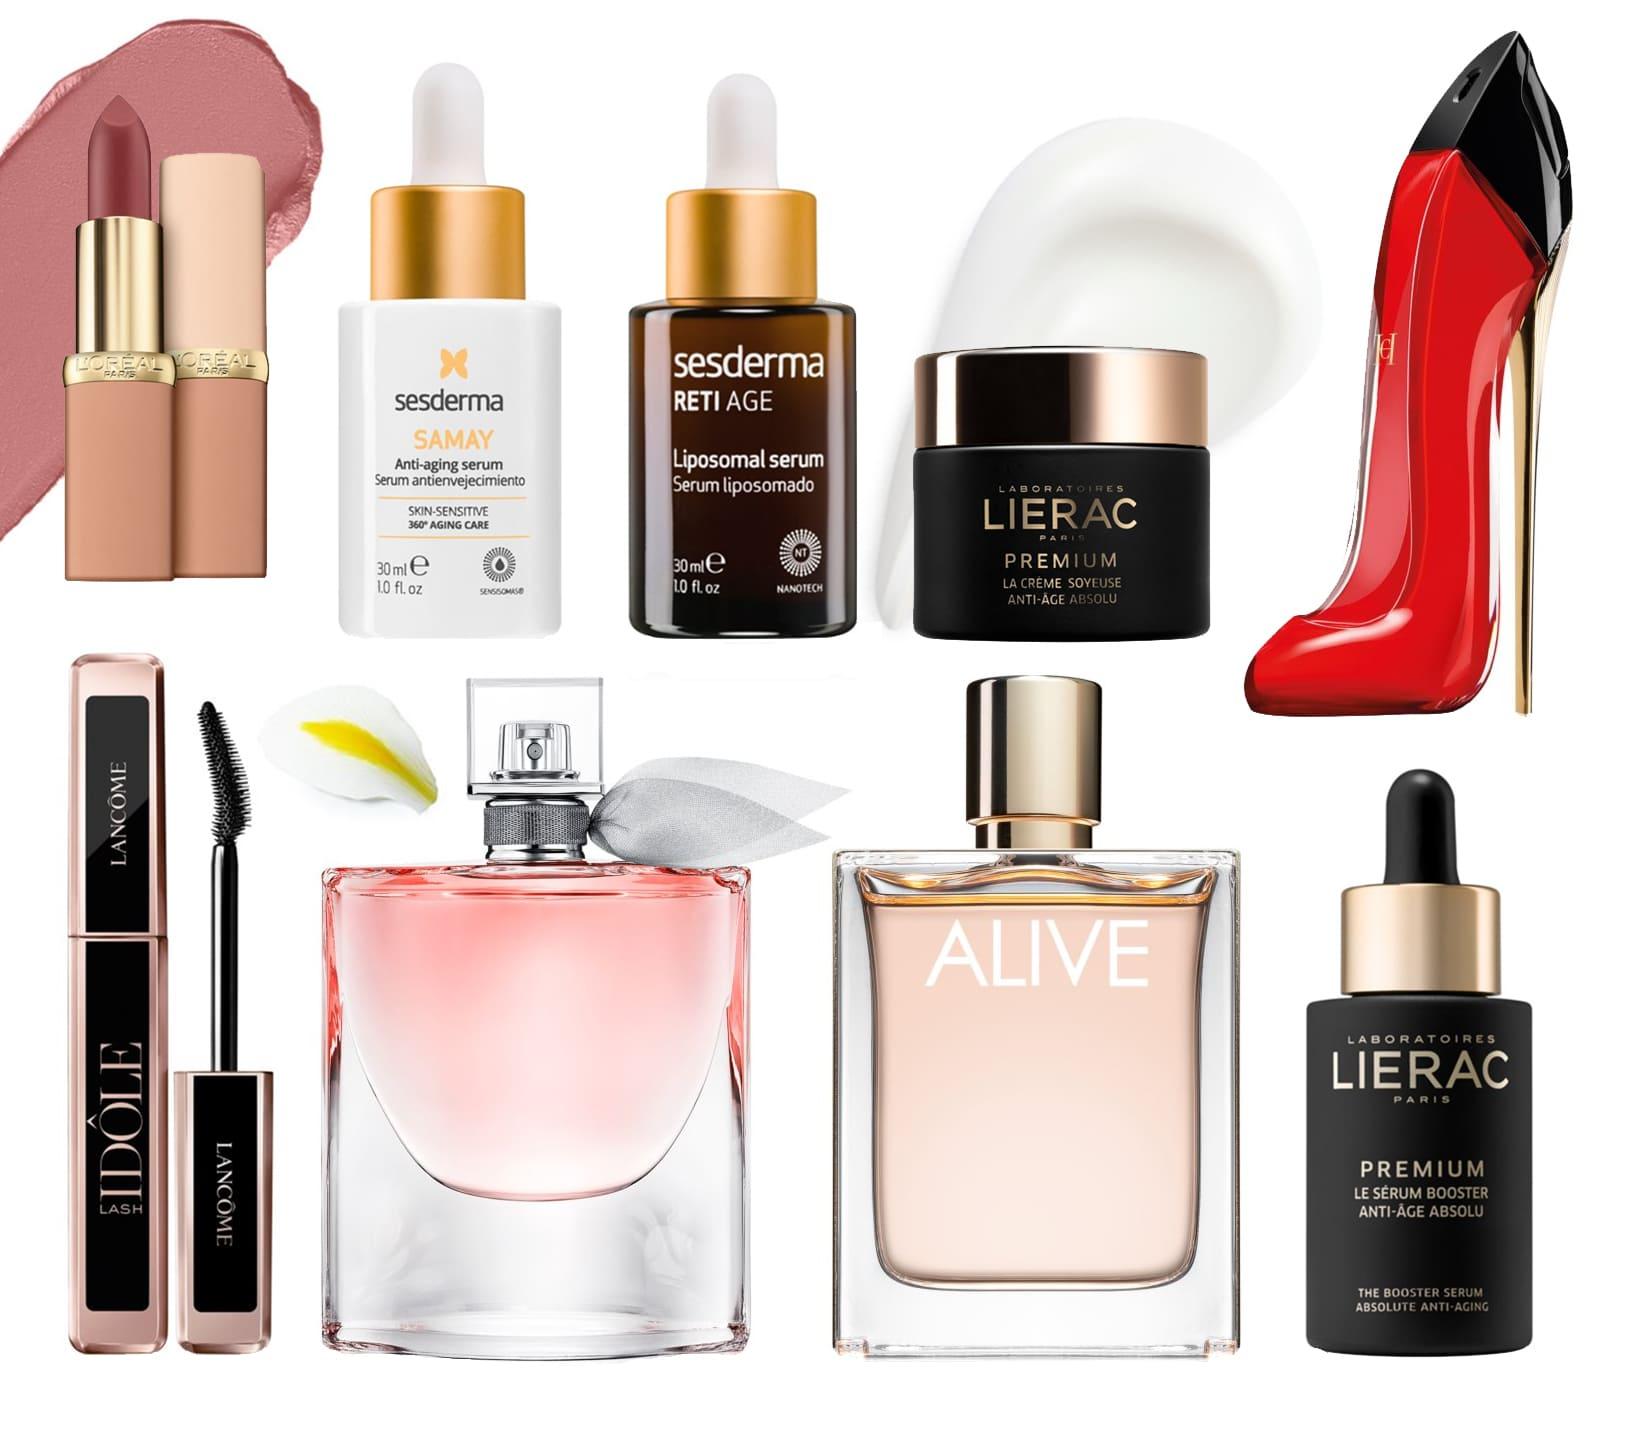 sugestões de presentes para mães da Notino, inclui perfumes, batons e máscaras